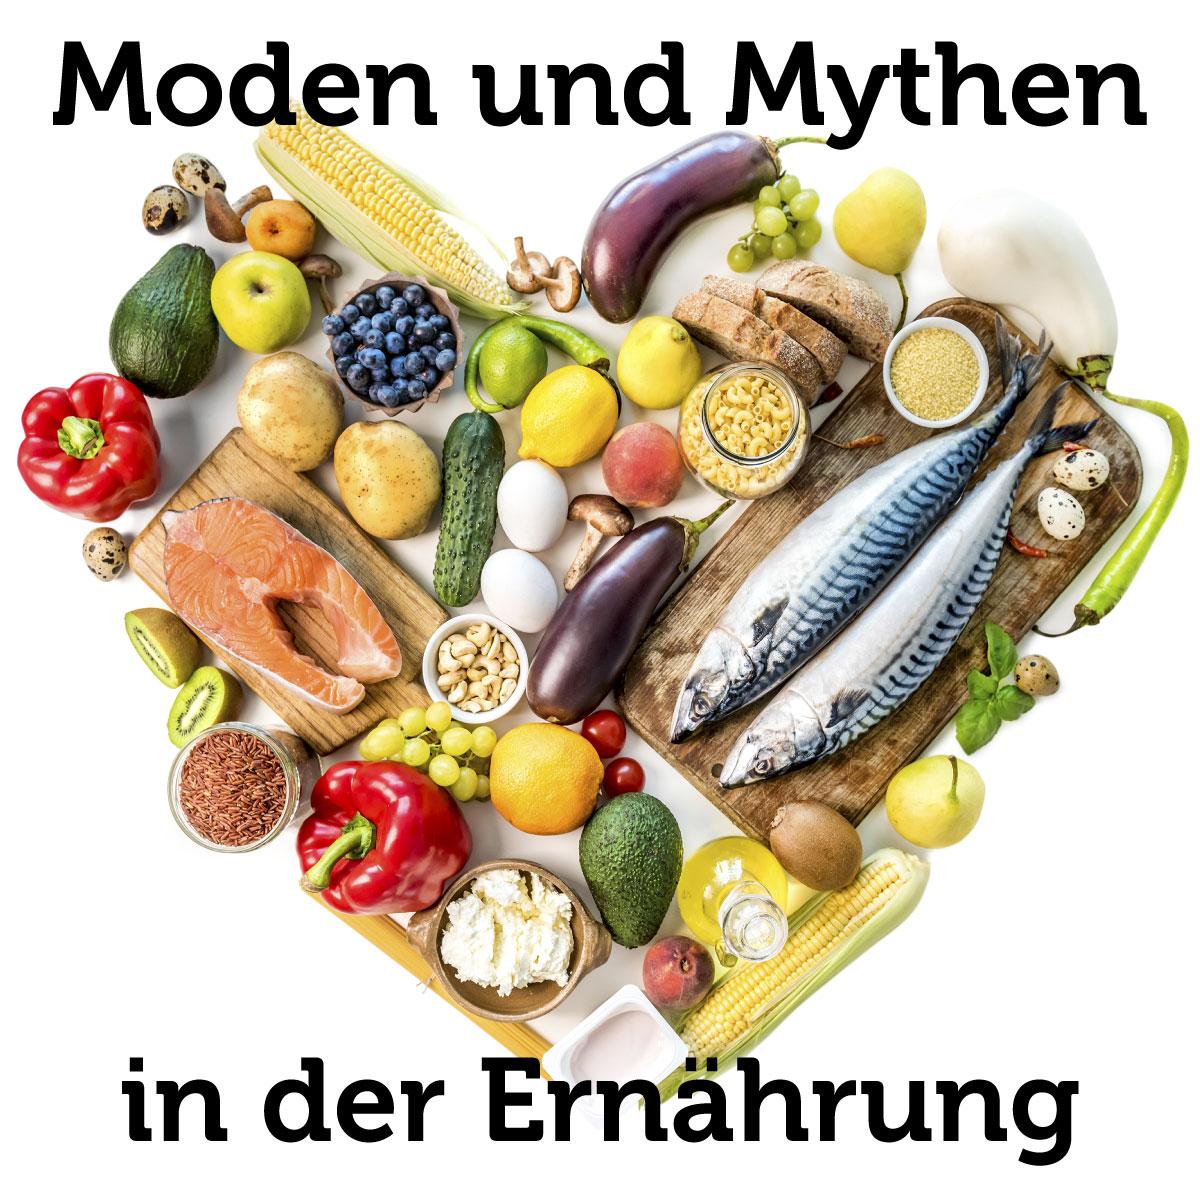 Moden und Mythen in der Ernährung